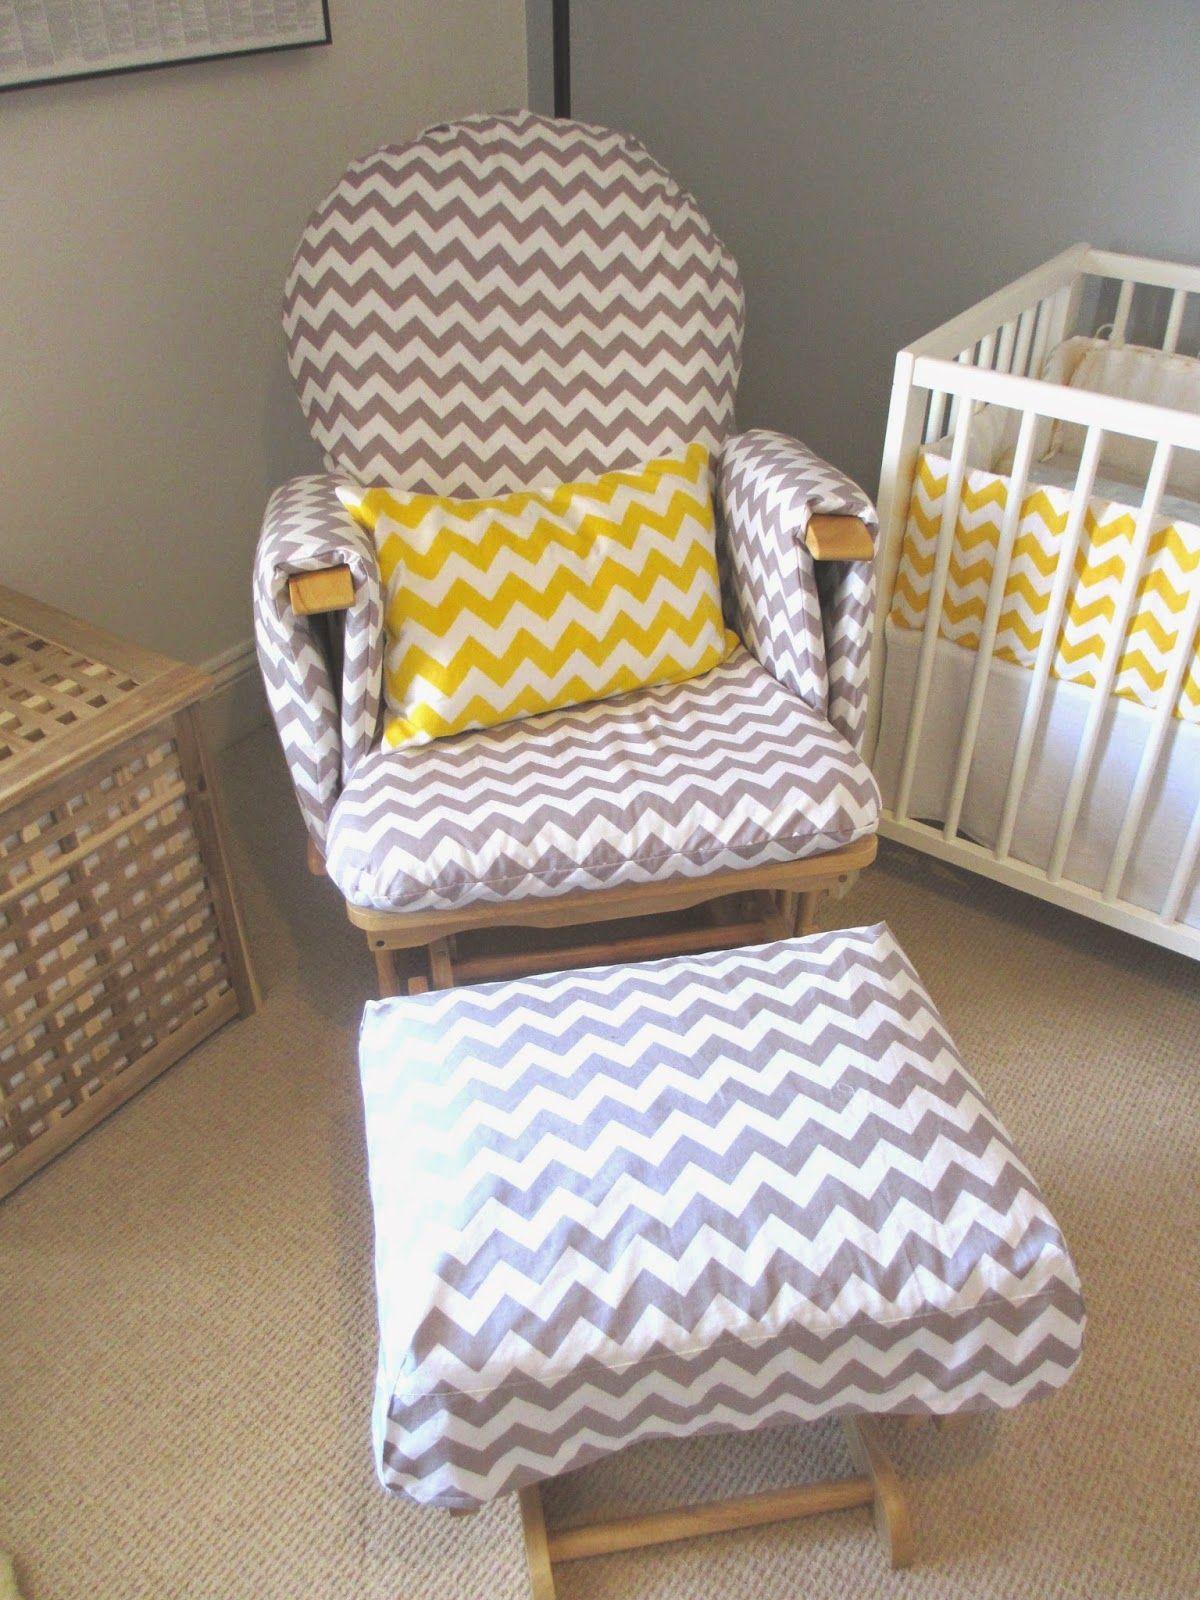 Nursing Chair Glider Chair Update Having A Baby